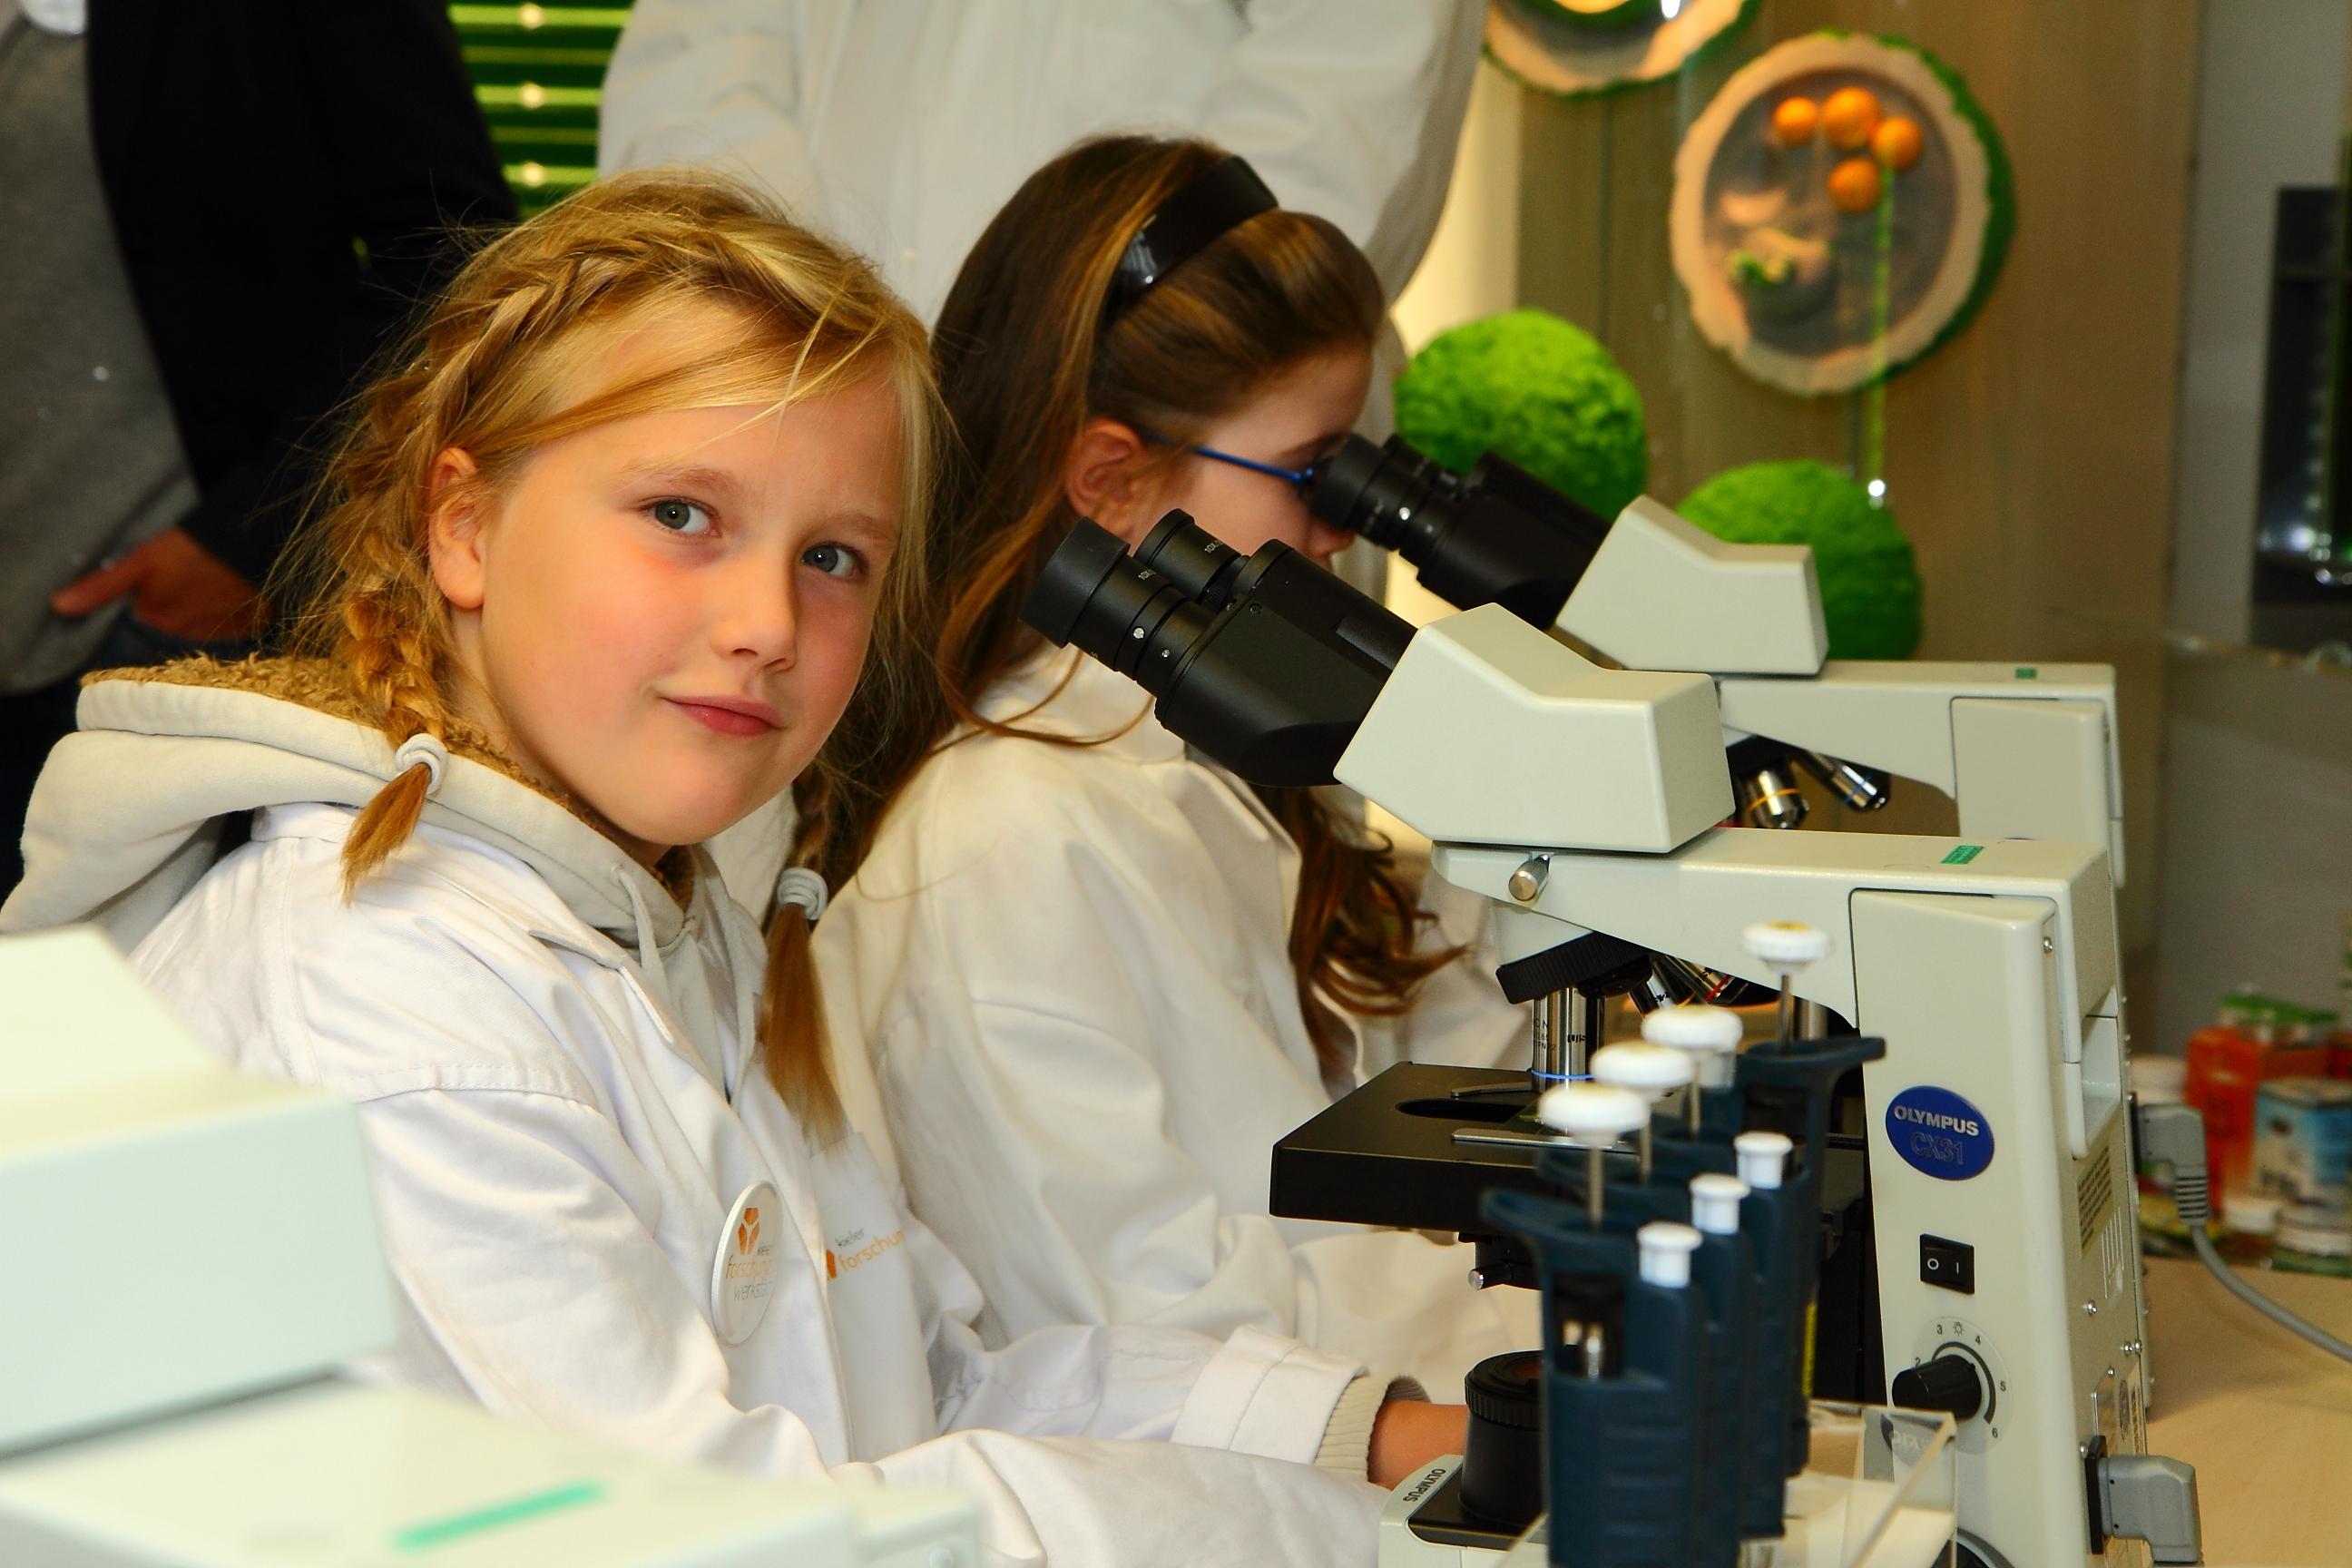 Schülerinnen im Angebot Die Ostsee als Lebensraum des ozean:labors